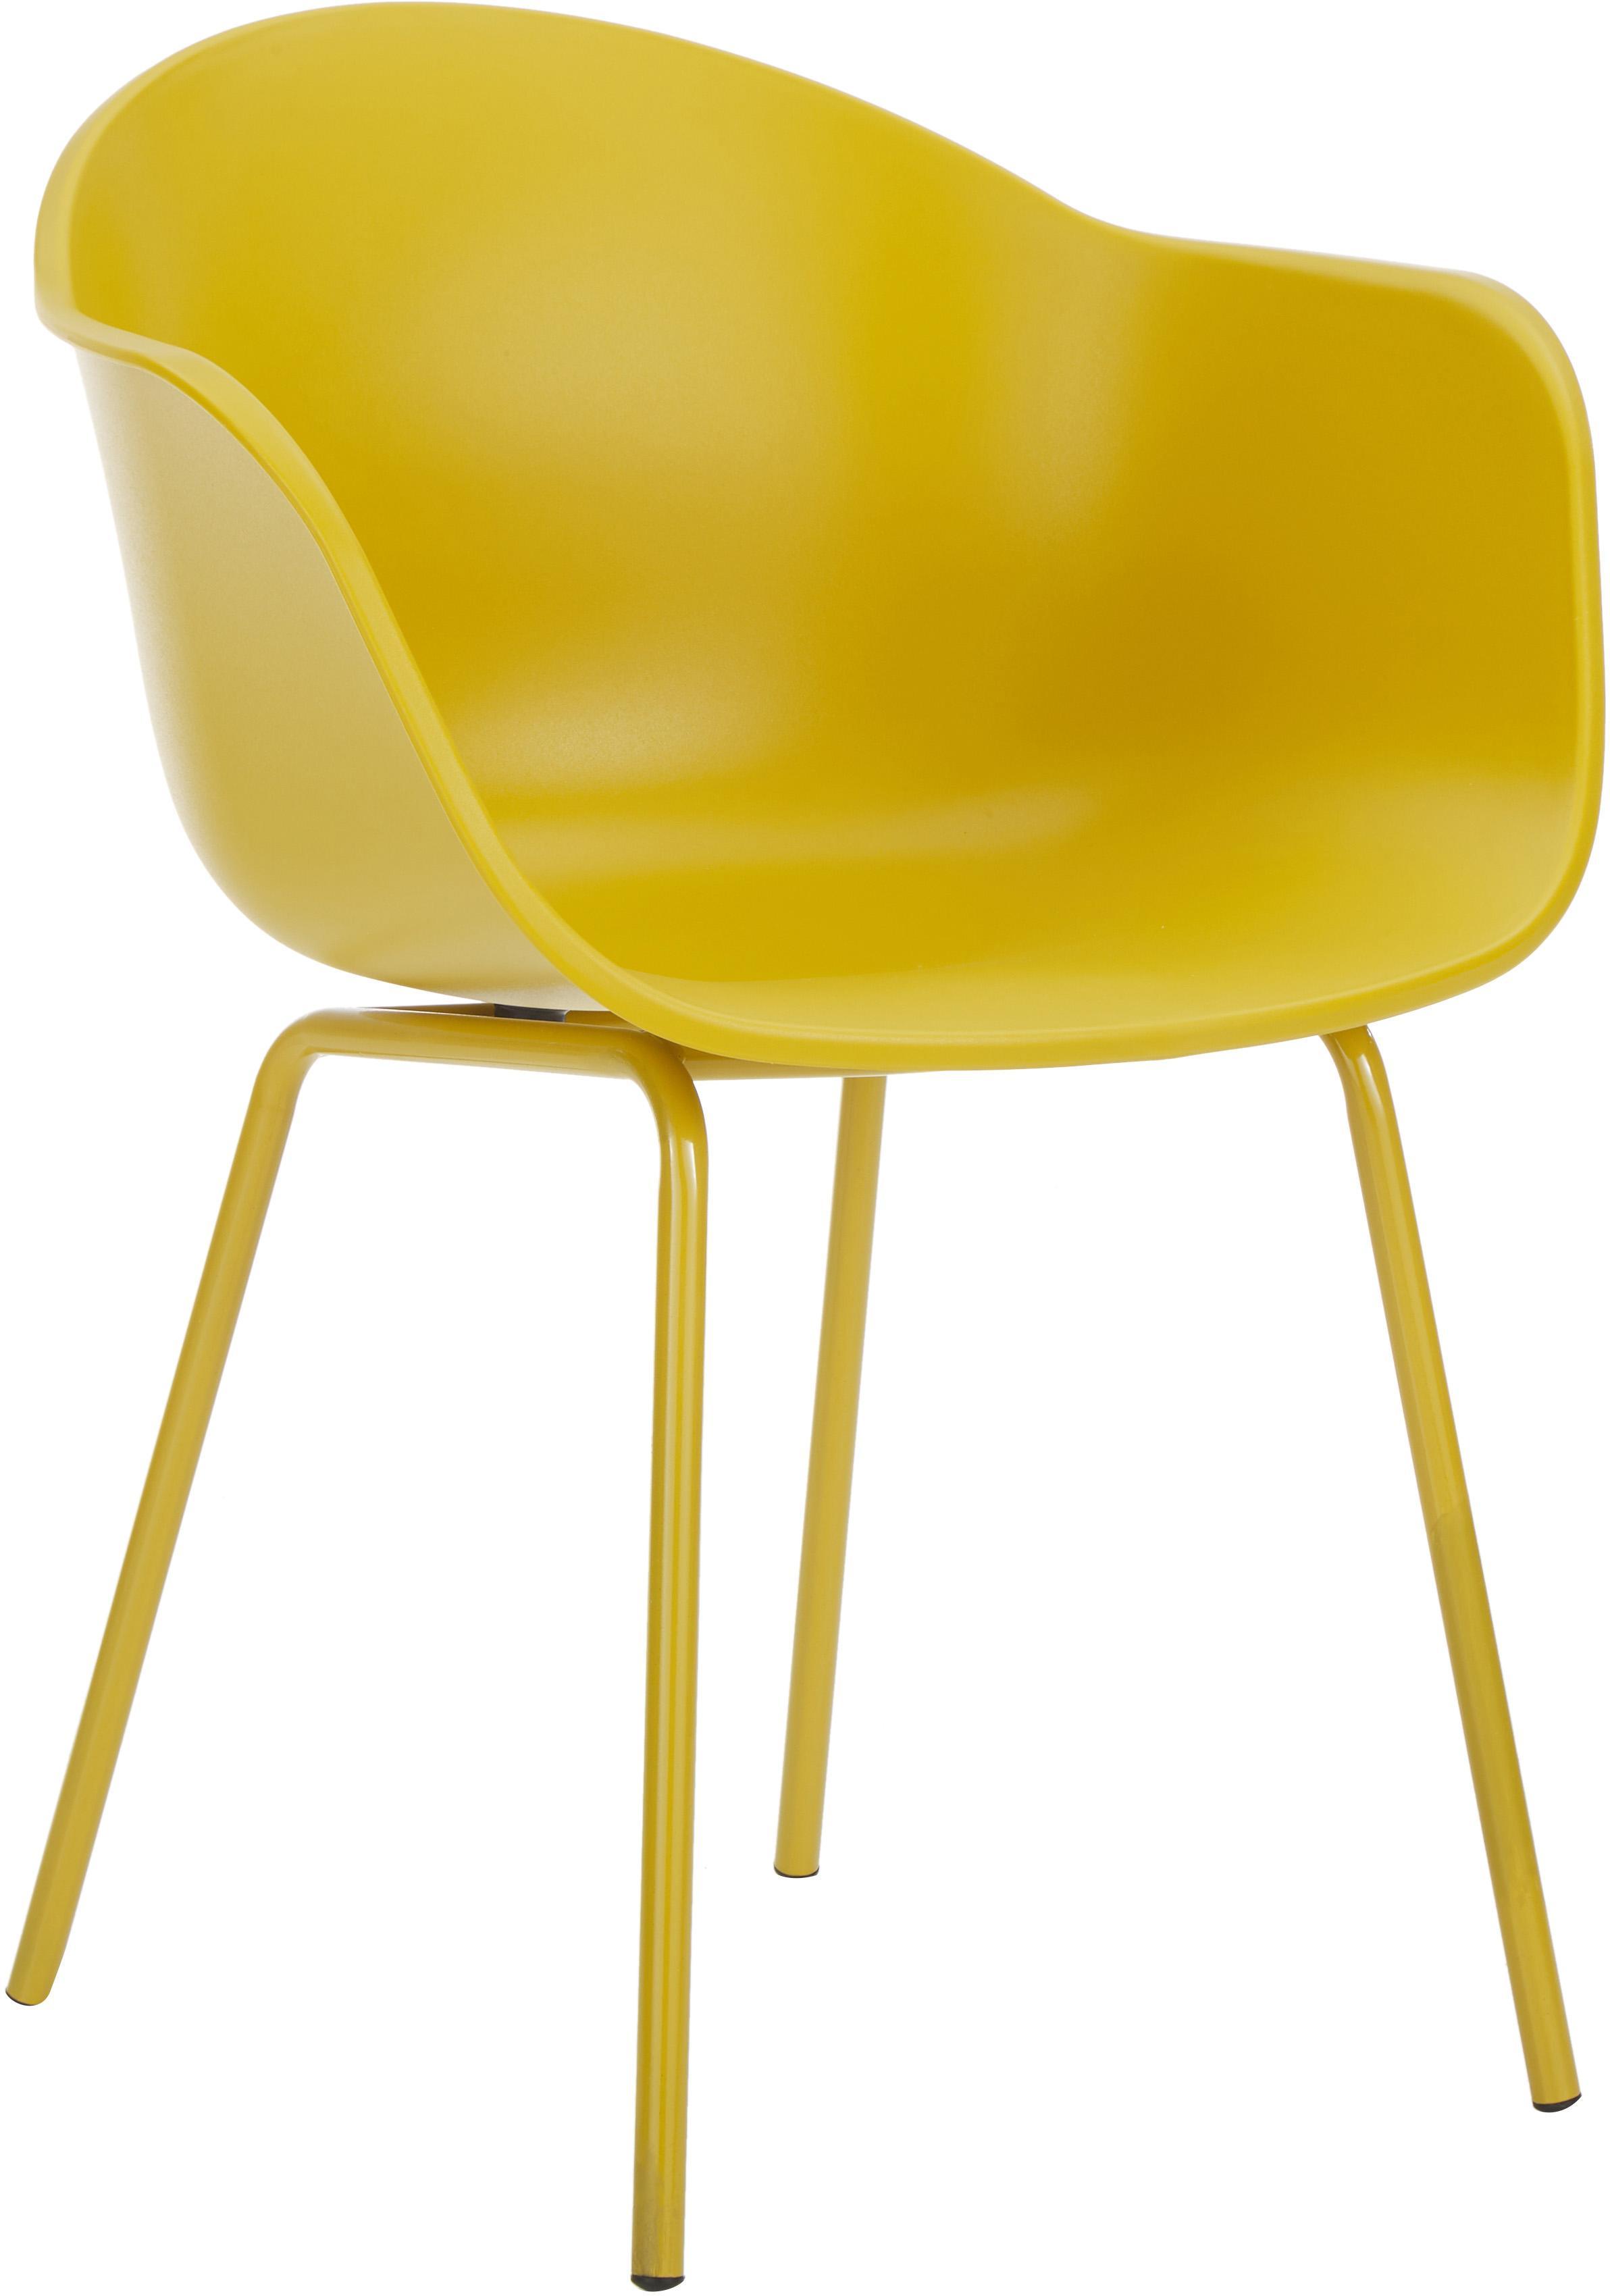 Silla de plático con reposabrazos Claire, Asiento: plástico, Patas: metal con pintura en polv, Asiento: amarillo Patas: amarillo mate, An 54 x F 60 cm